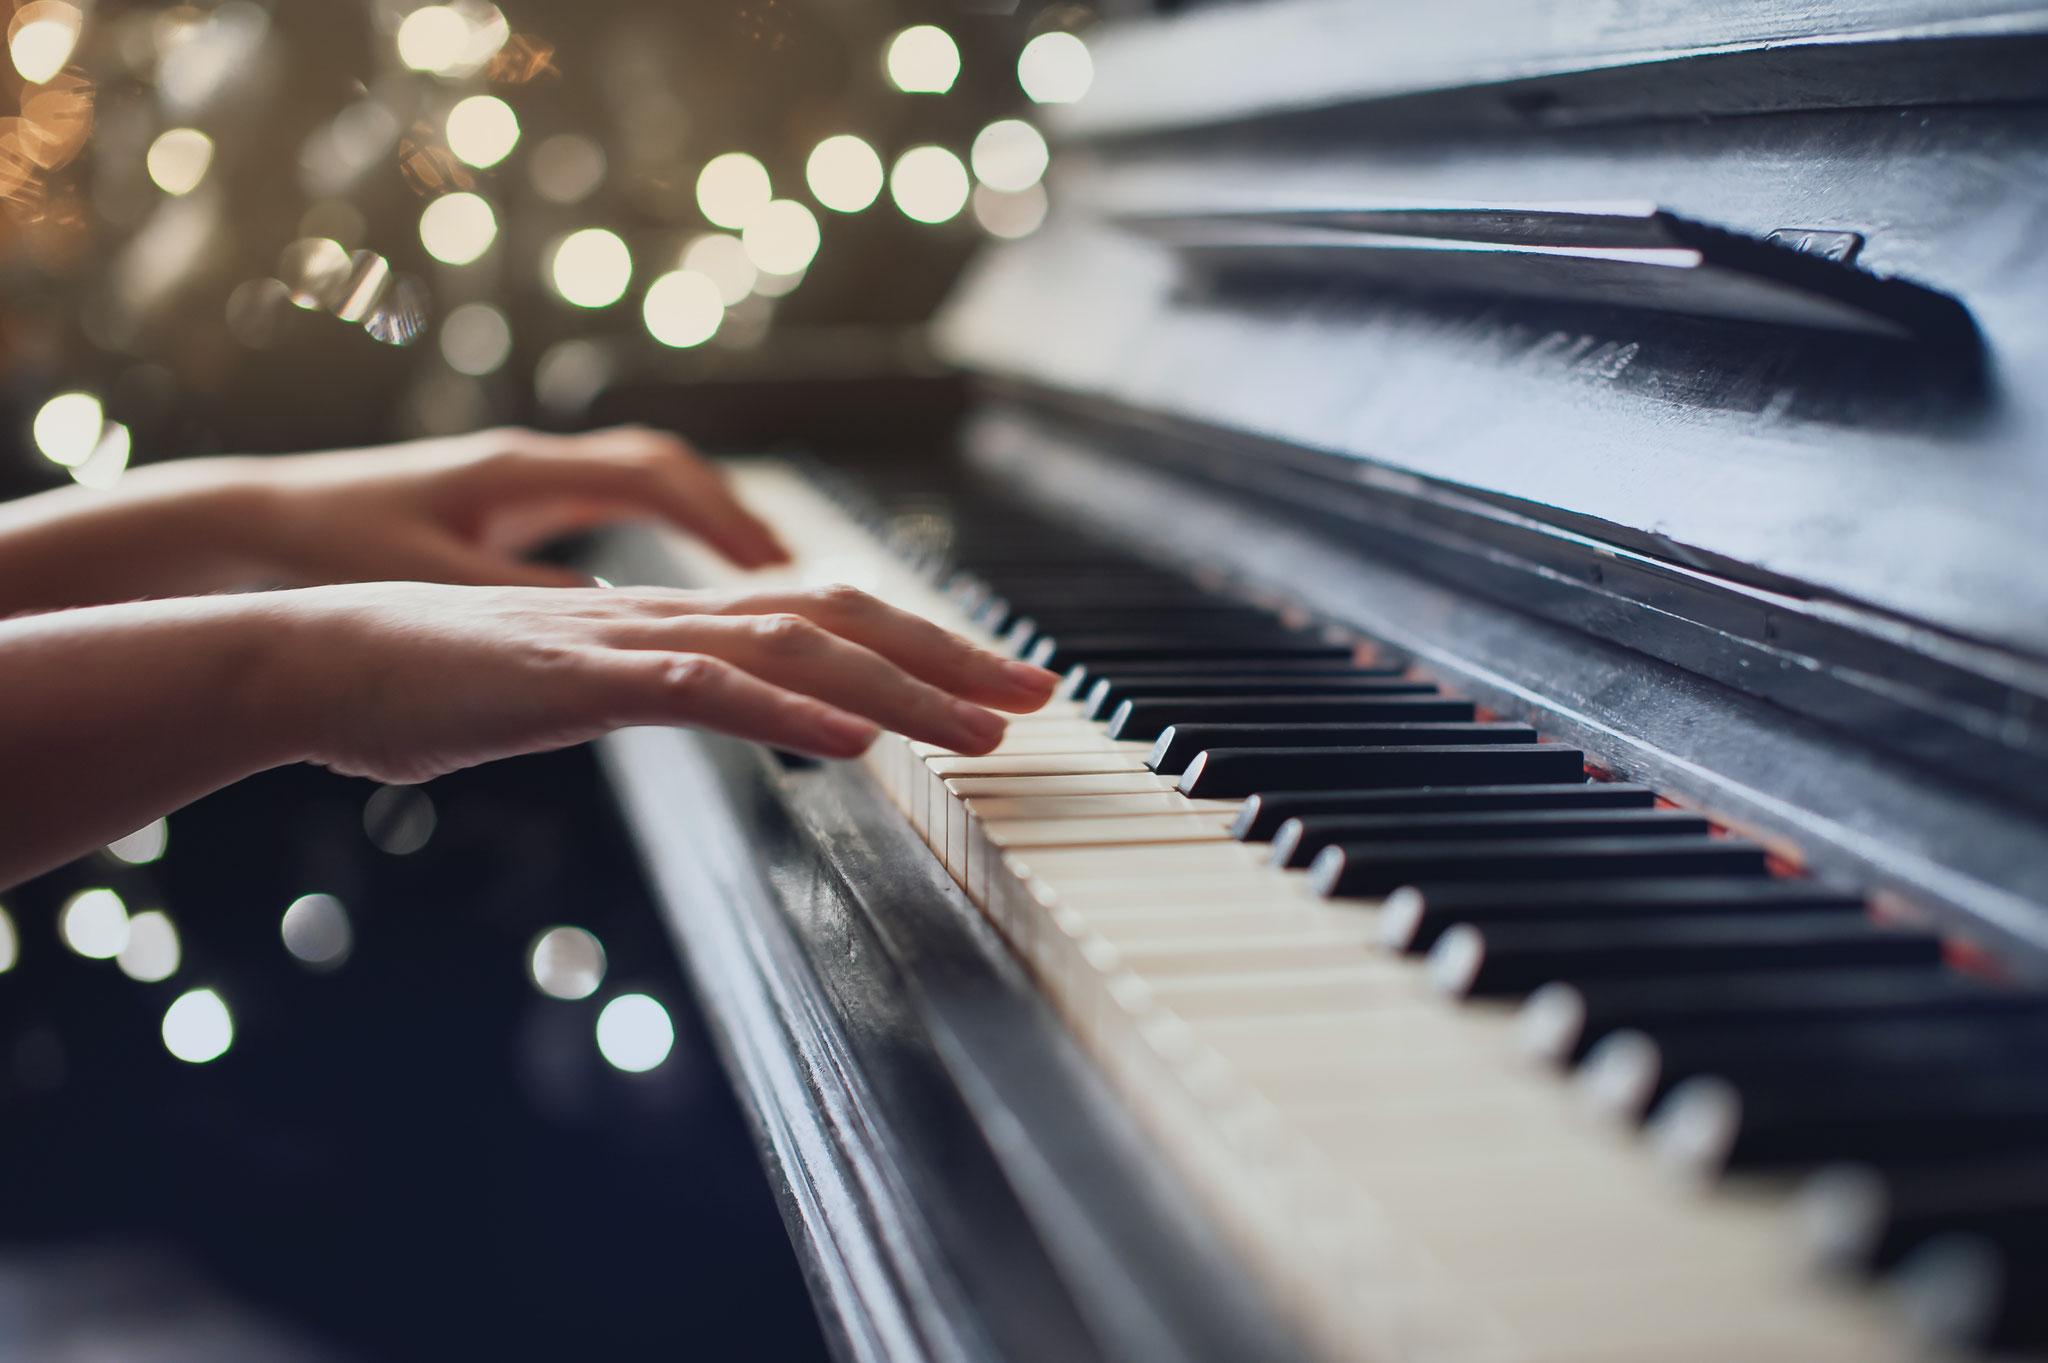 Tipp 1: Sa, 16.11., 11 Uhr: Bach und Grieg im Wettstreit. Vorspiel der Klavierklasse D. Lenz im Kunsthaus Flora © Dmitriy Shipilov, Adobe Stock